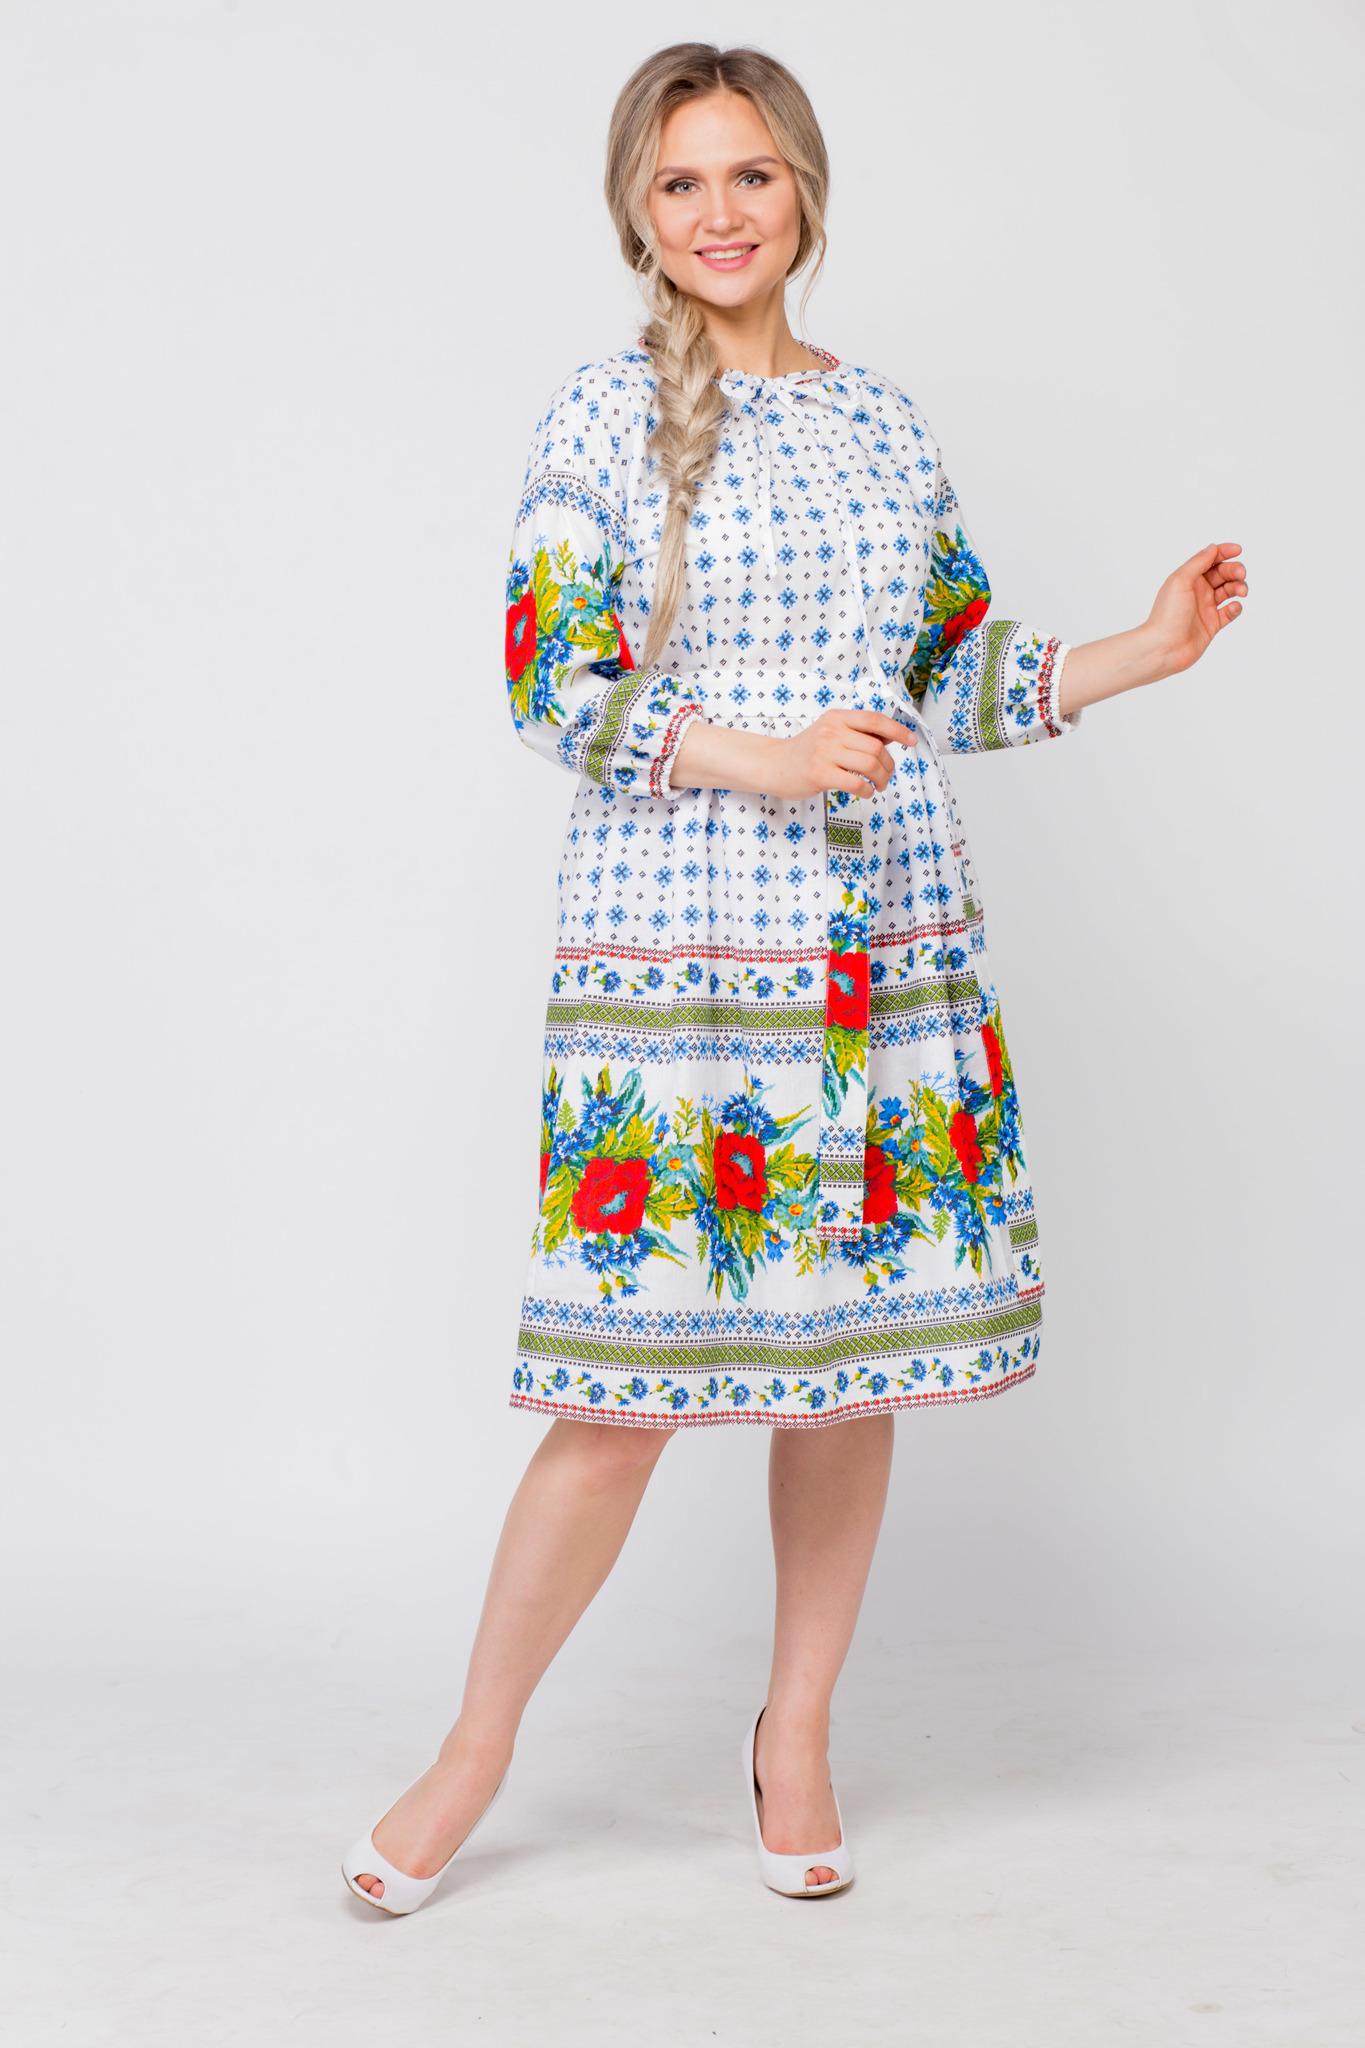 Платье льняное Маки-васильки от Иванки